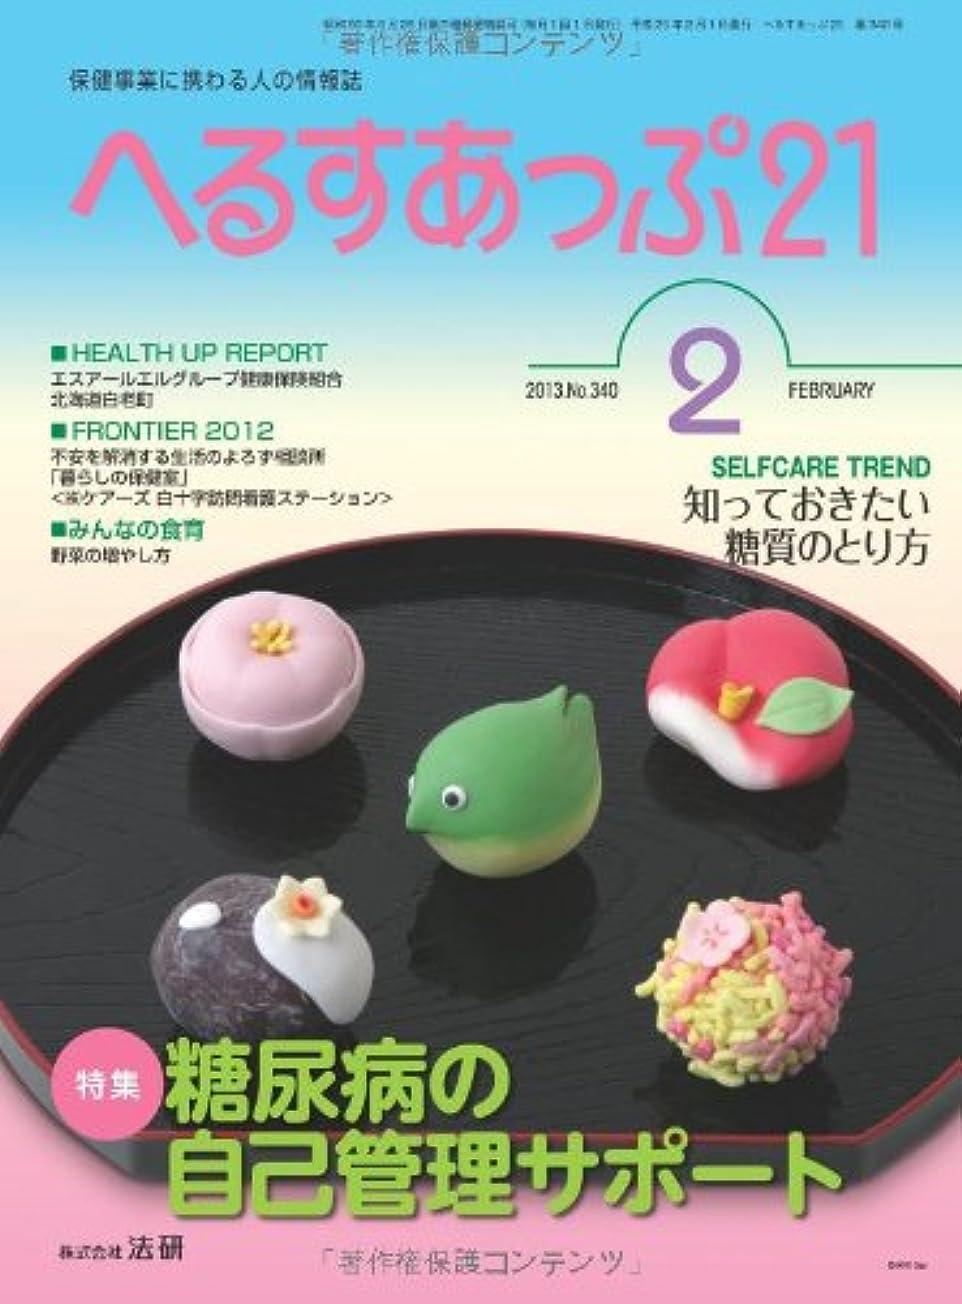 日祈る押す月刊へるすあっぷ21 2013年2月号 「糖尿病の自己管理サポート」